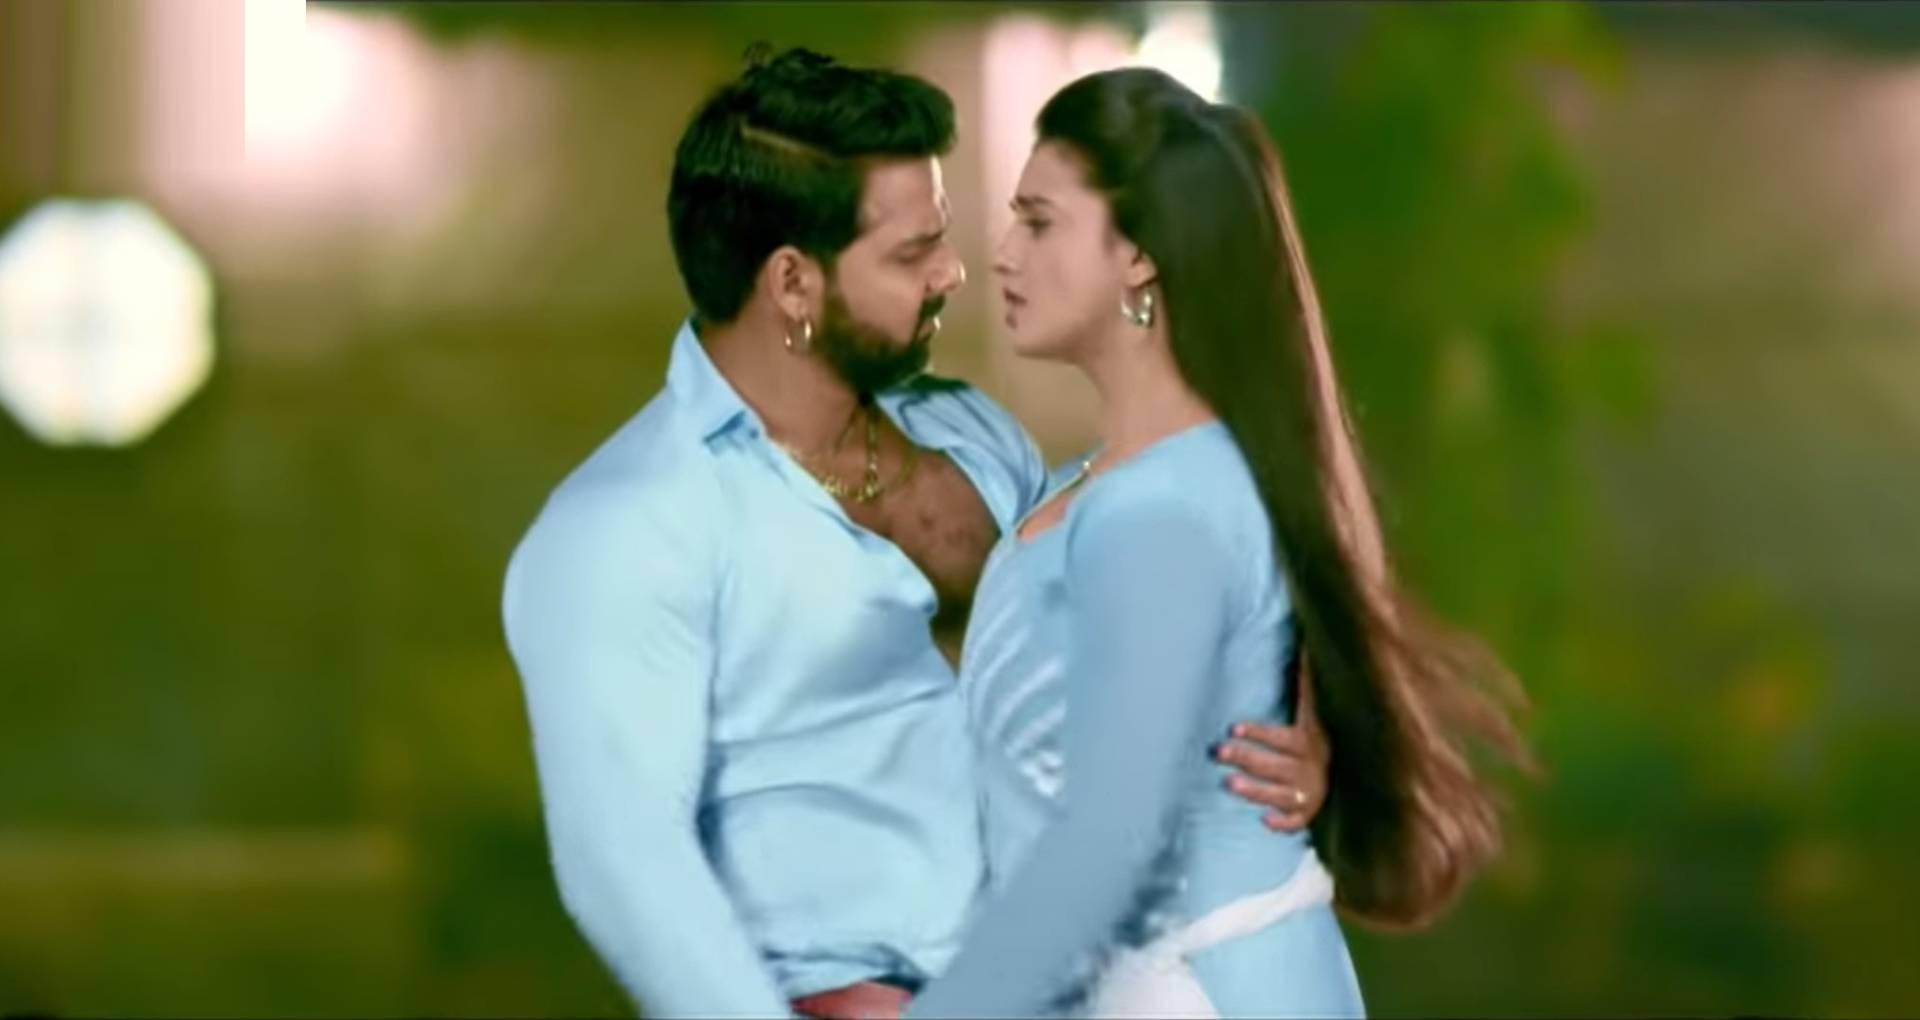 Bhojpuri Song 2019: विवादों के बीच खूब सुना जा रहा है पवन सिंह और अक्षरा सिंह का गाना, देखिए ये रोमांटिक सॉन्ग